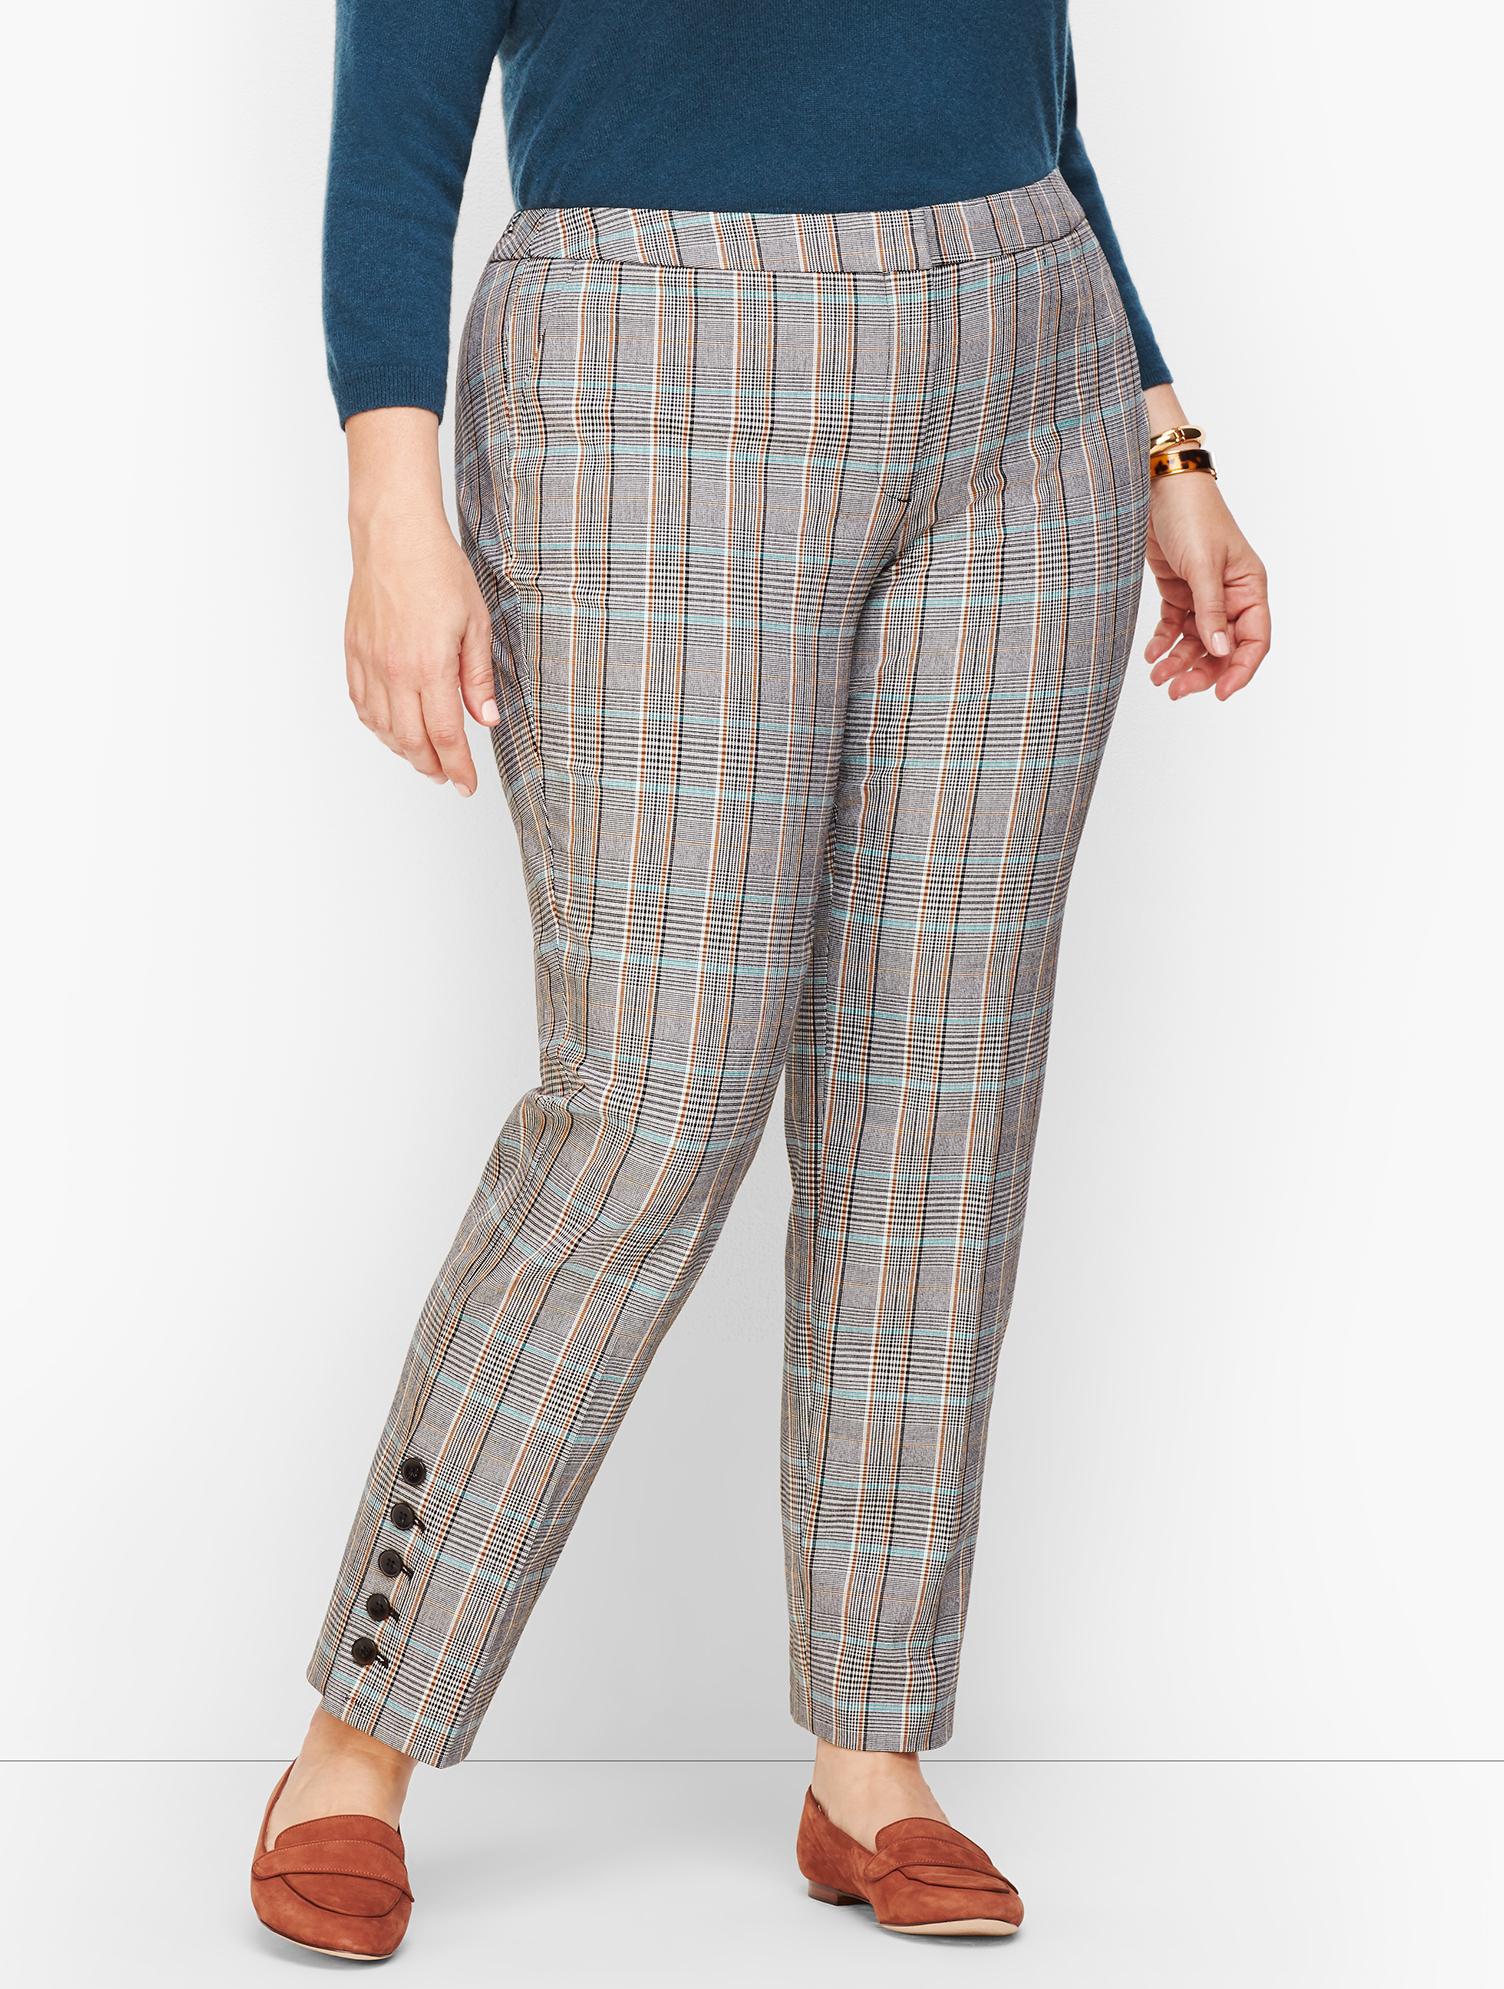 60s – 70s Pants, Jeans, Hippie, Bell Bottoms, Jumpsuits Plus Petites Size Hampshire Button Hem Ankle Pant Pants - Macintosh Plaid - TEAL-BLUE-MULTI - 22 - Talbots $61.31 AT vintagedancer.com